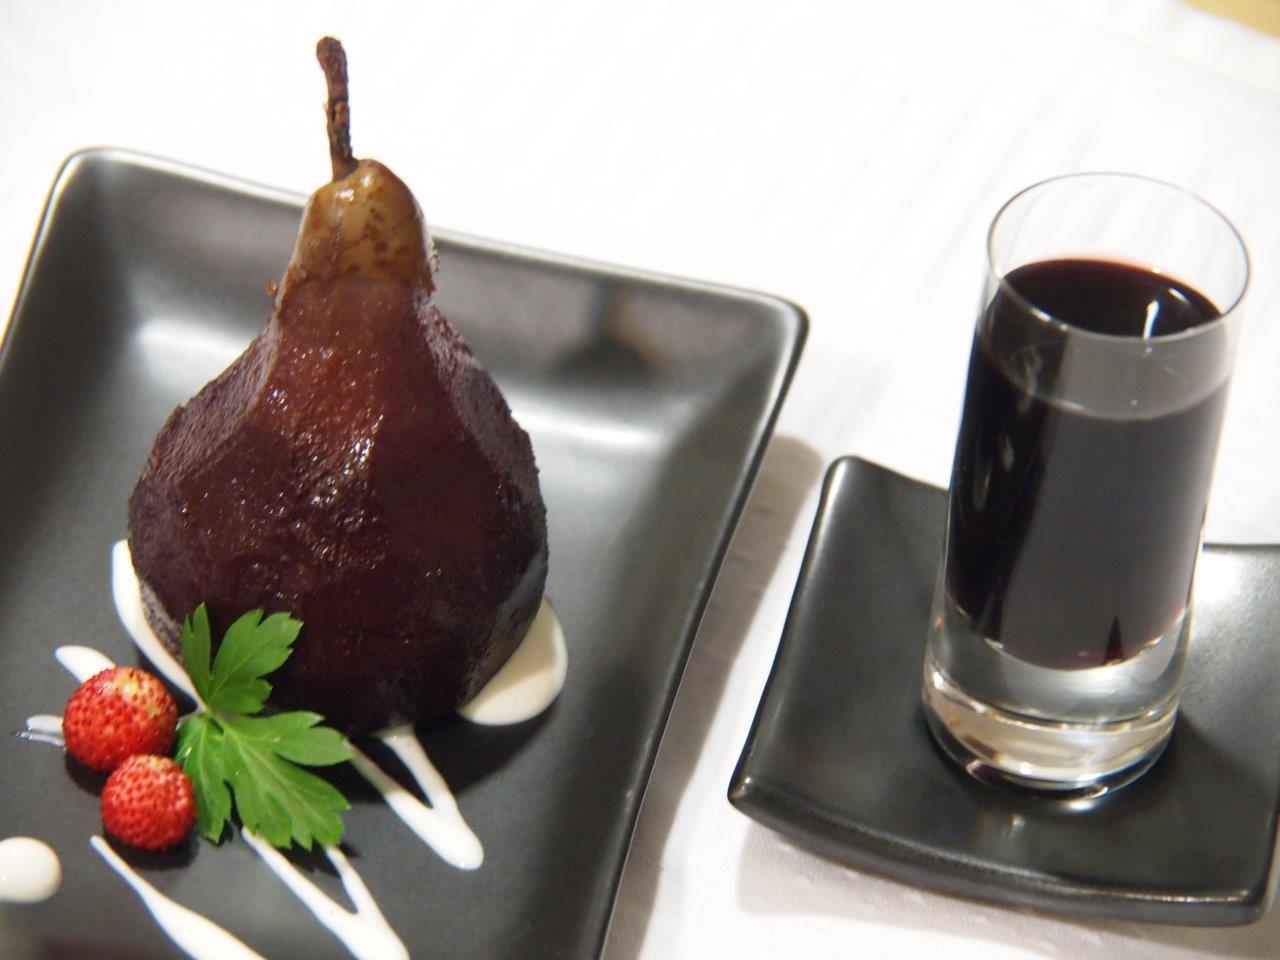 Peras al vino con chupito de vino especiado